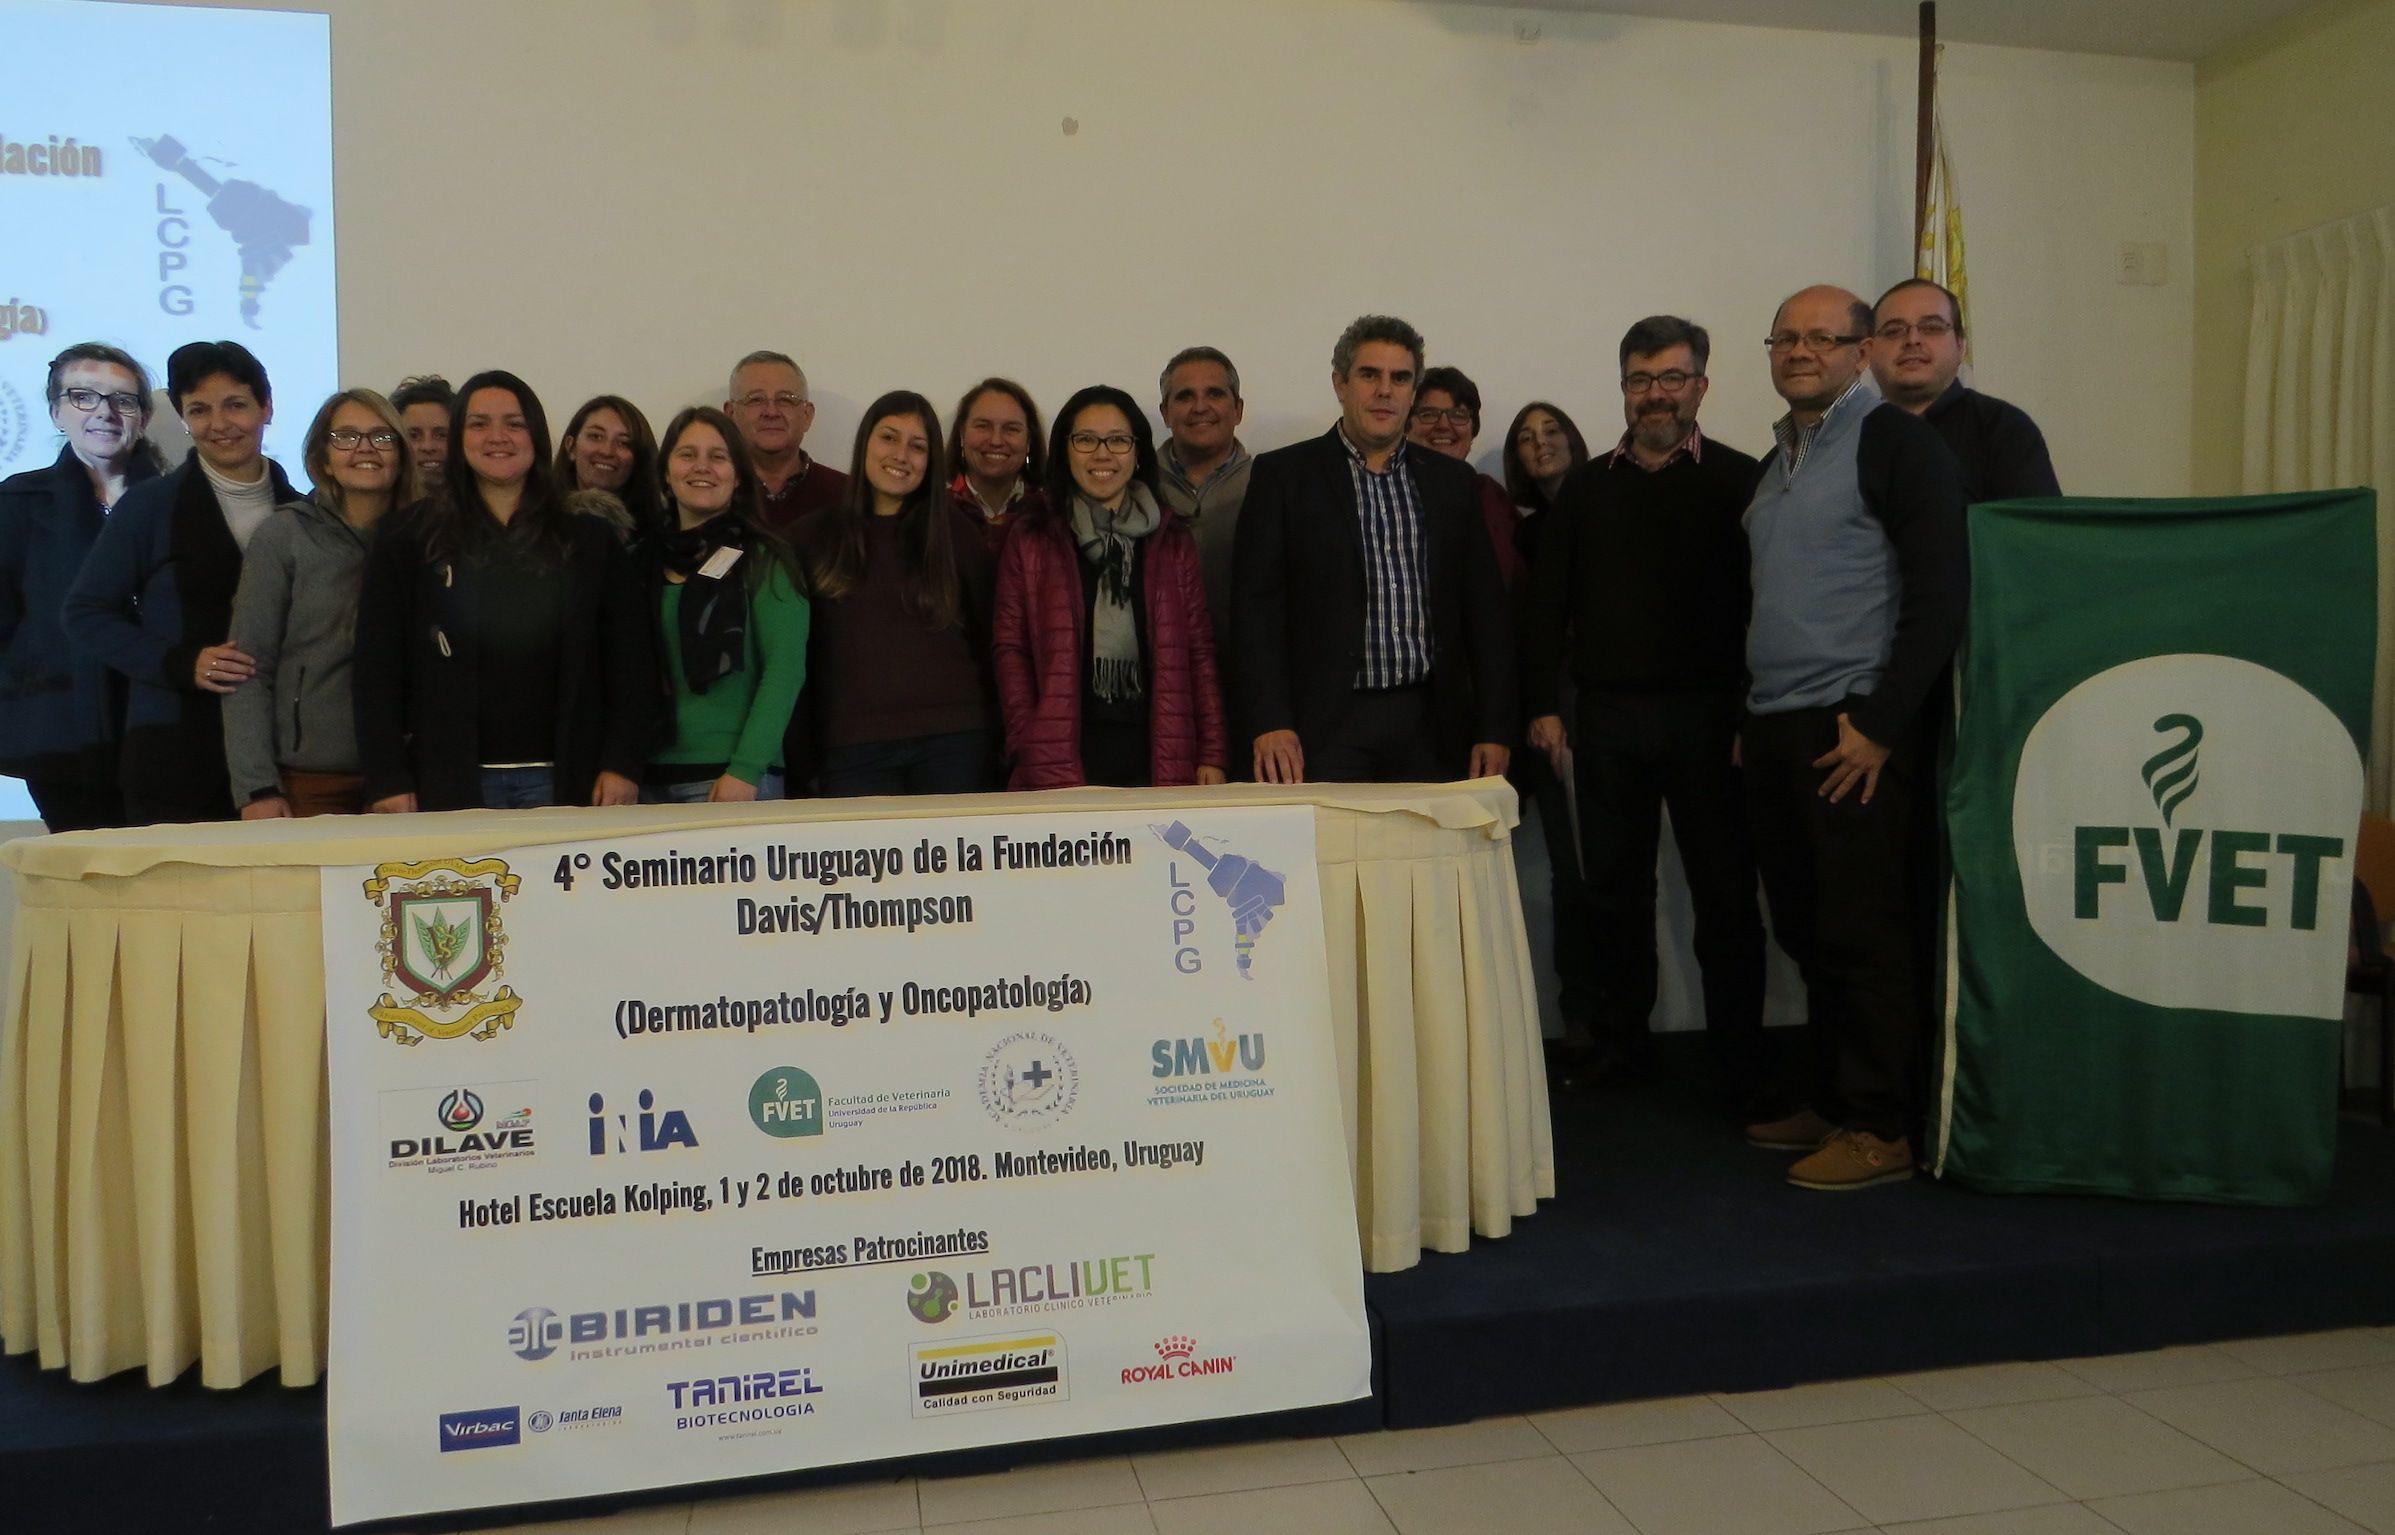 El profesor Joaquín Ortega, con los asistentes al seminario de la Fundación Charles Louis Davis-Thompson, celebrado en Montevideo.